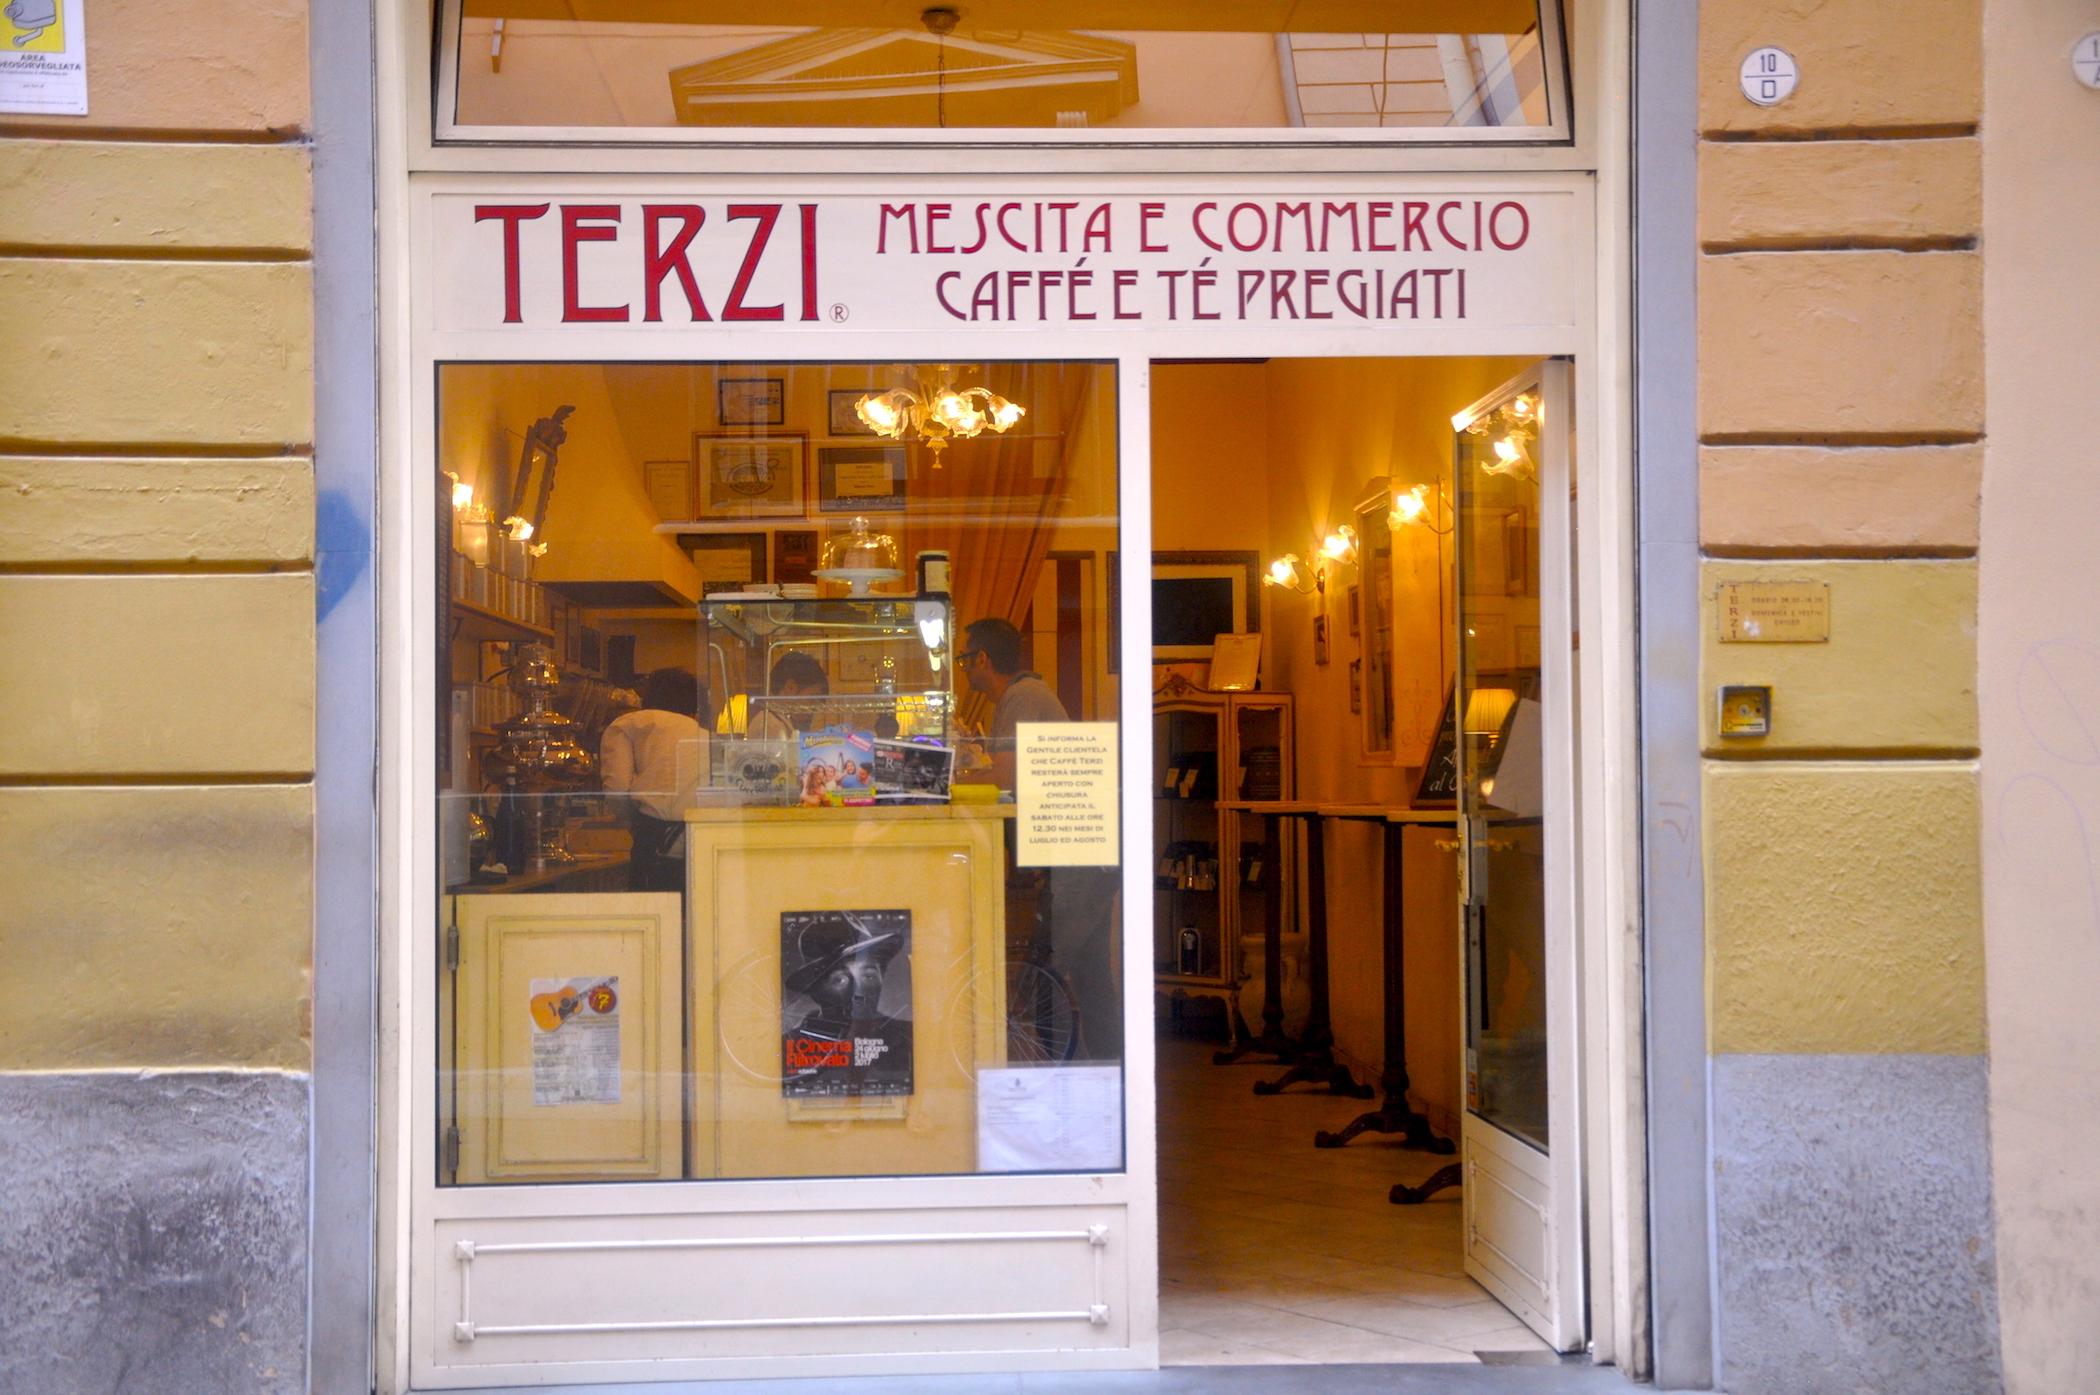 bologna terzi cafe 1